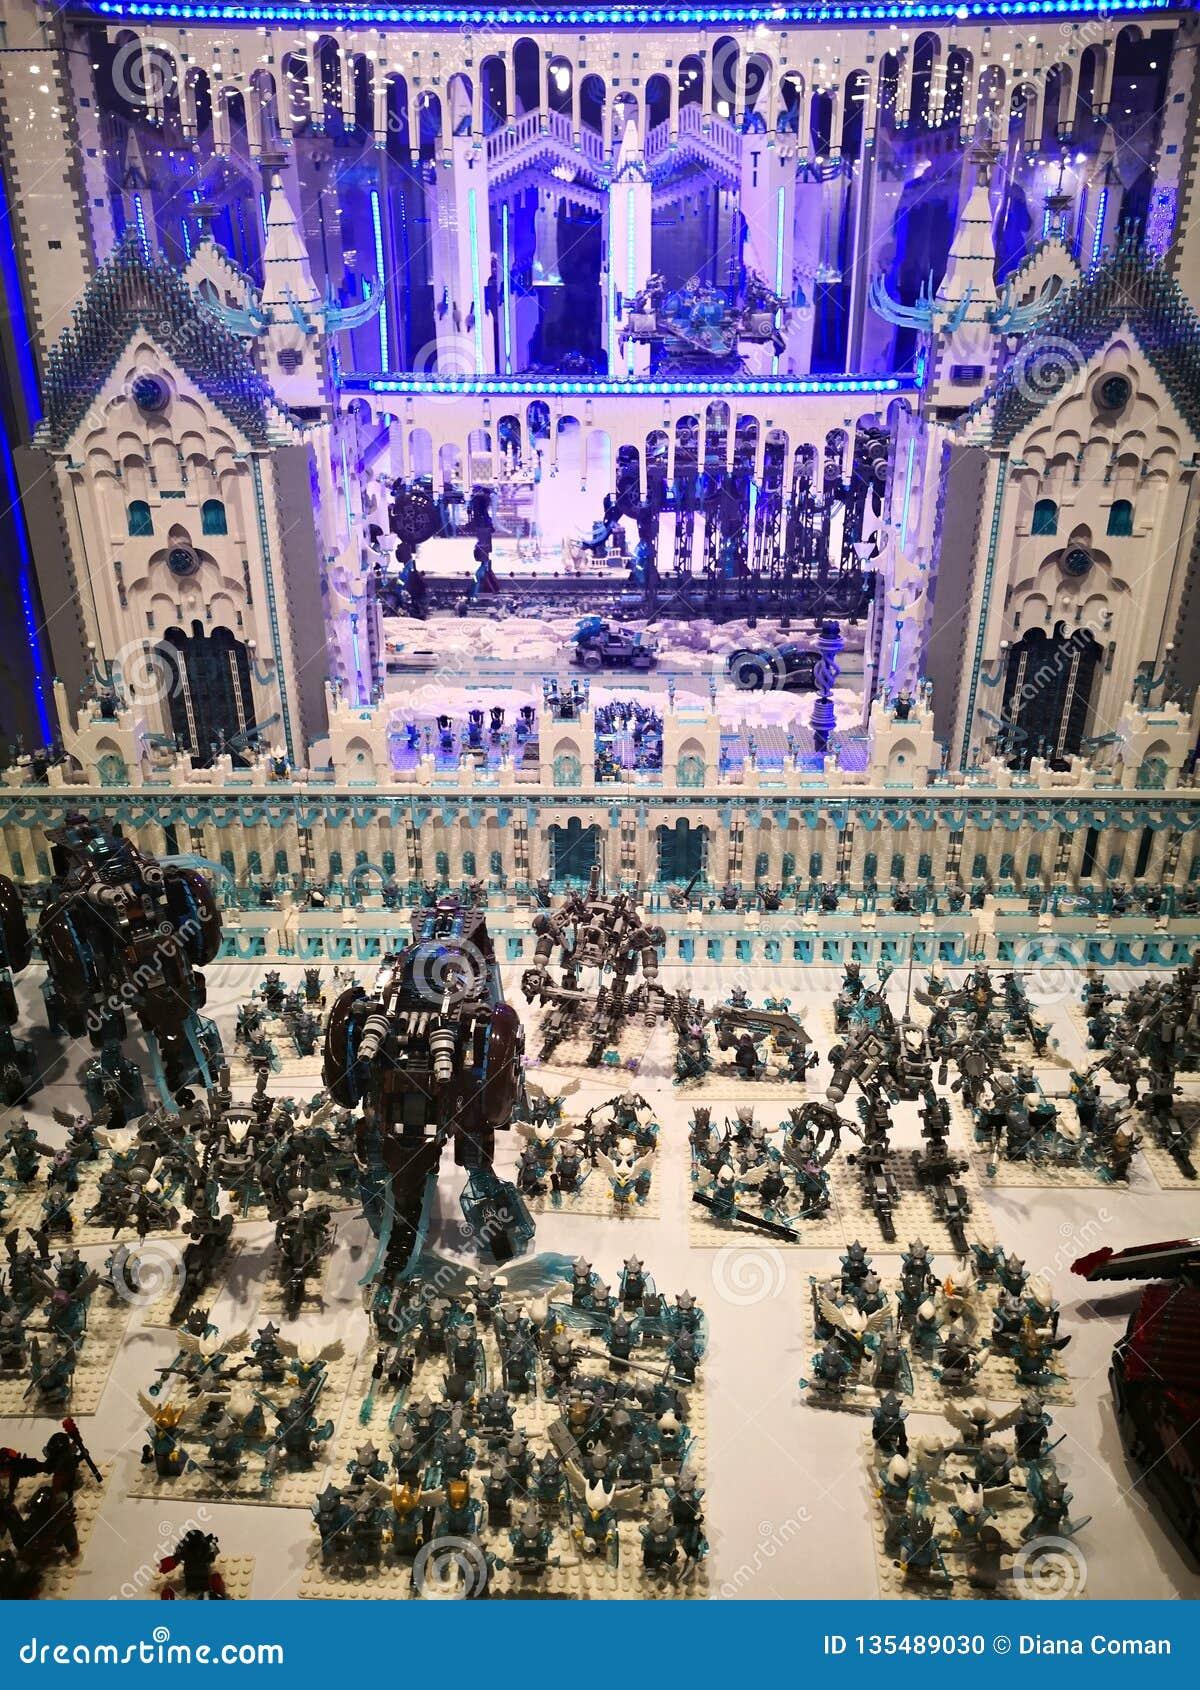 Lego Powystawowa inwazja giganty